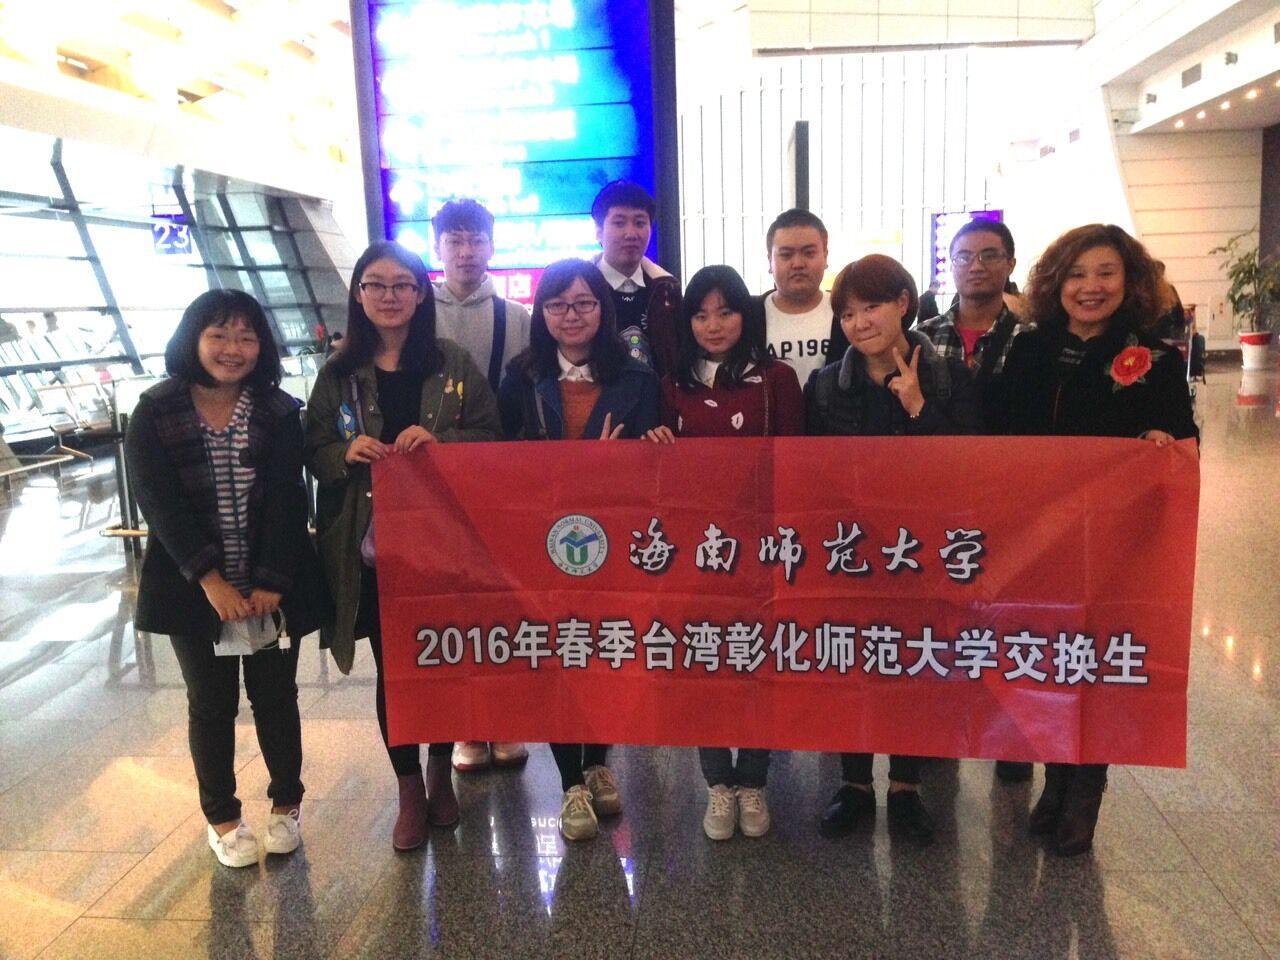 关于选拔在校学生赴台湾彰化师范大学学习的通知